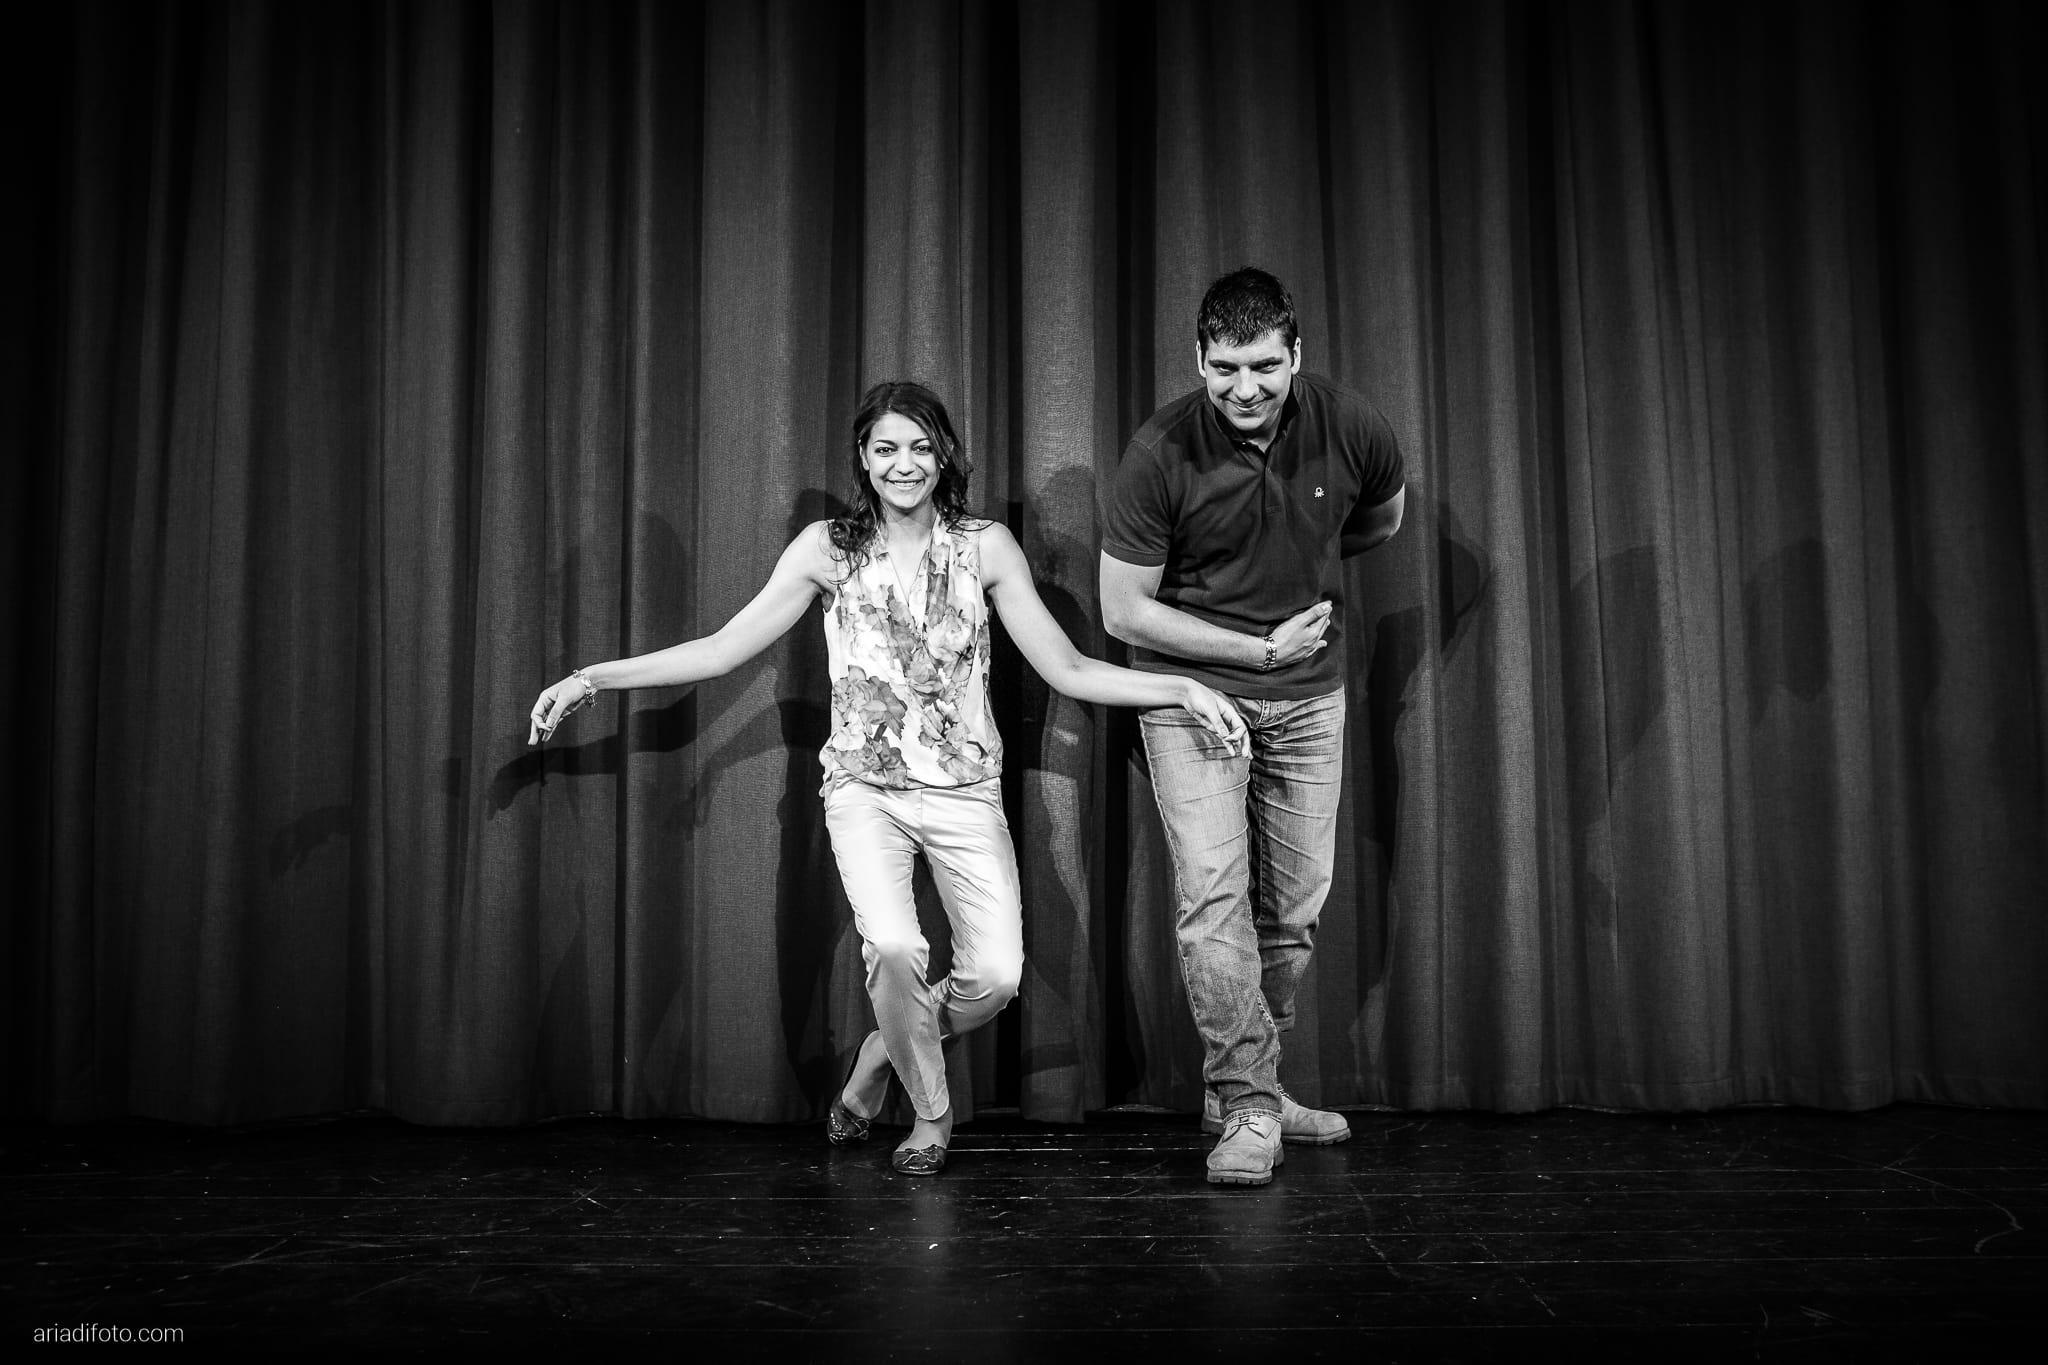 Fiordaliso Andrea prematrimoniale Teatro Silvio Pellico Trieste